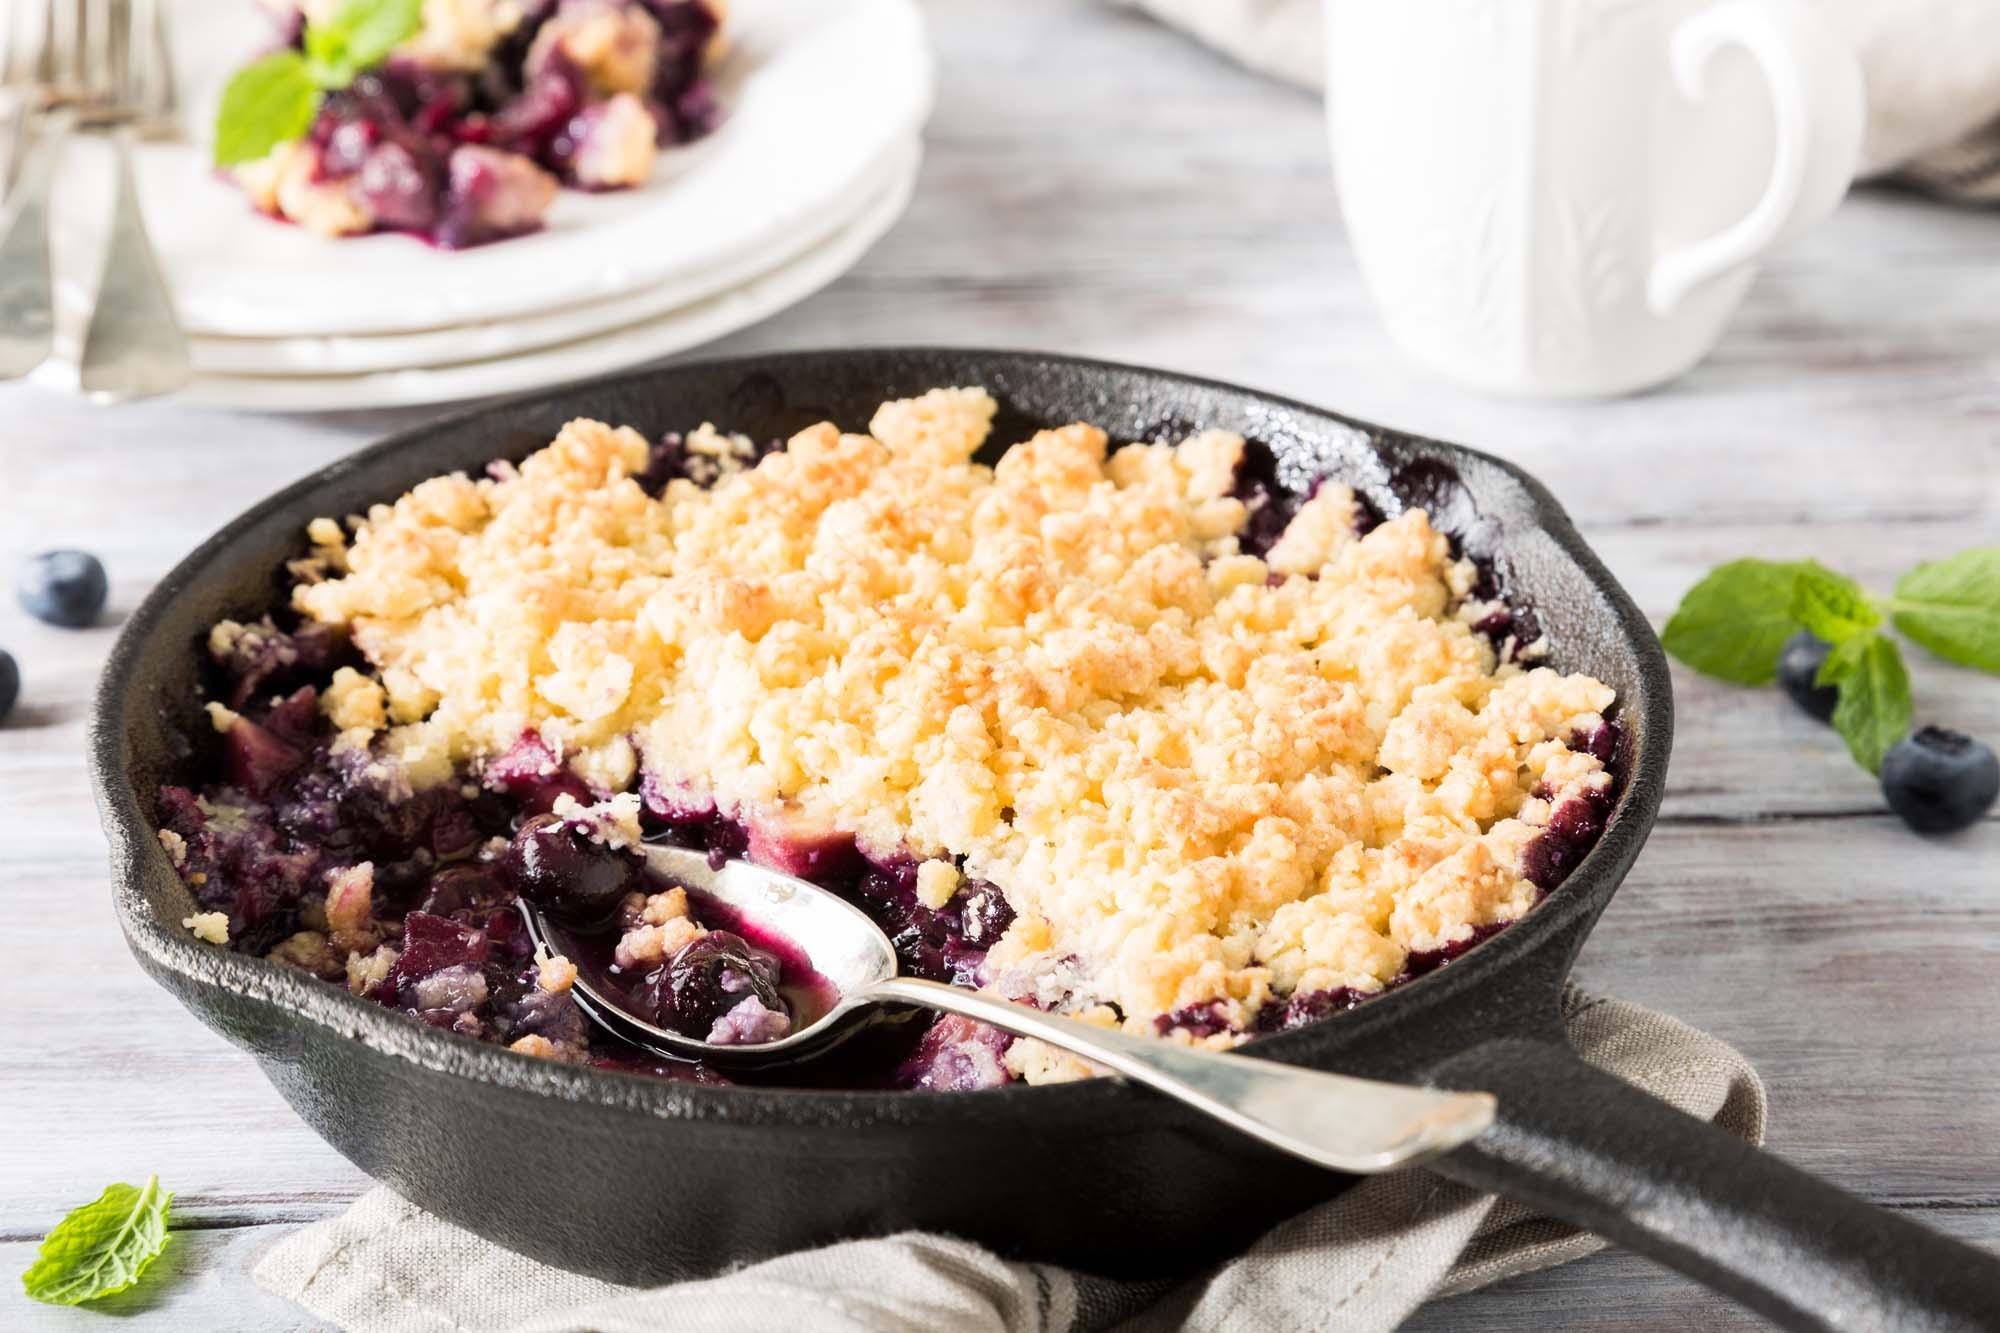 Blueberry Crisp - Smuldrekage med blåbær